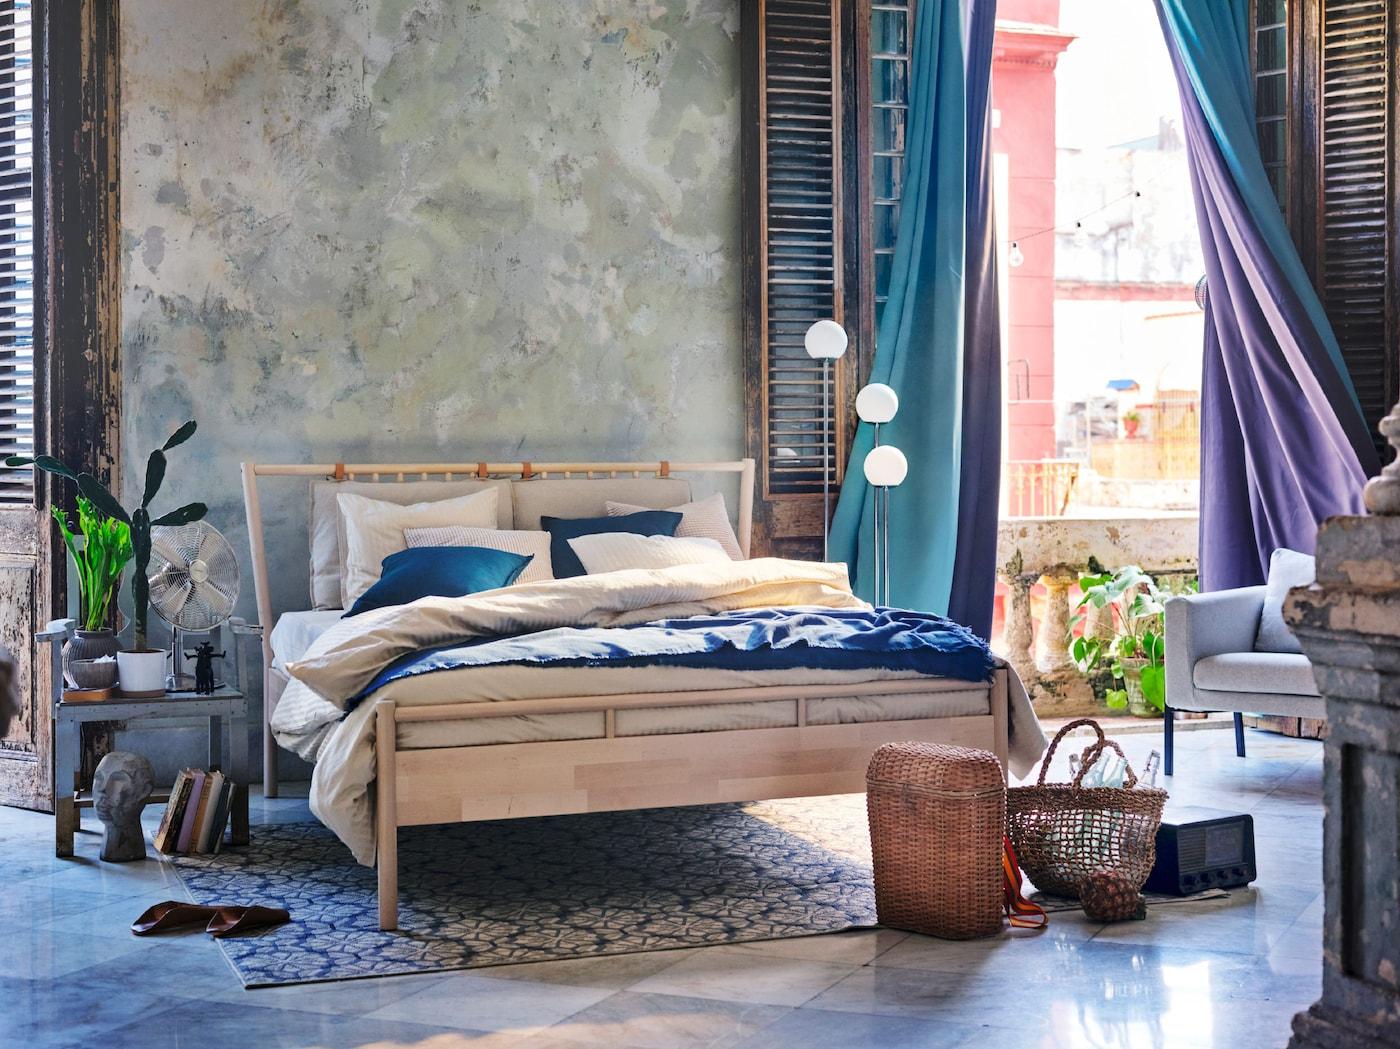 Modro-sivá spálňa s tyrkysovými a fialovými závesmi povievajúcimi vo vetre.